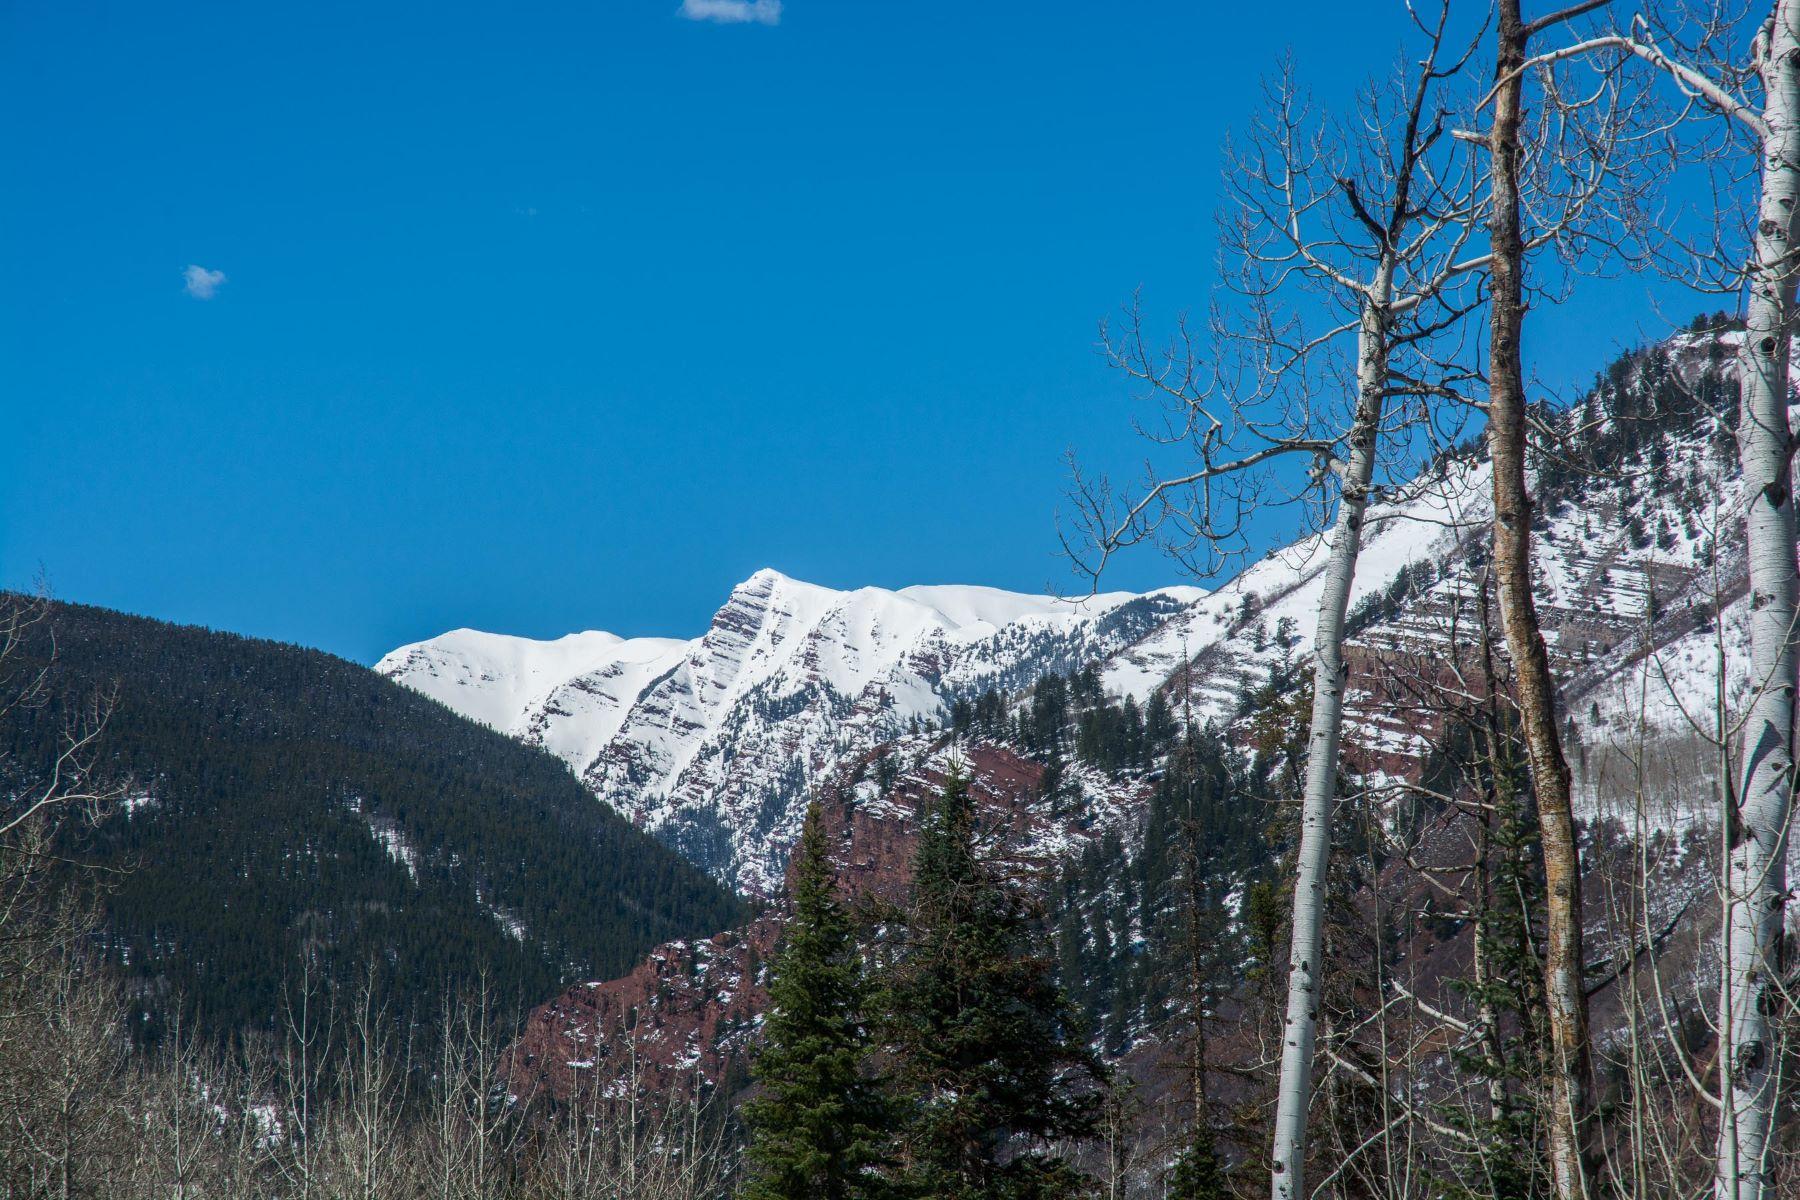 Terreno per Vendita alle ore Powderbowl TBD Powderbowl Trail Aspen, Colorado, 81611 Stati Uniti